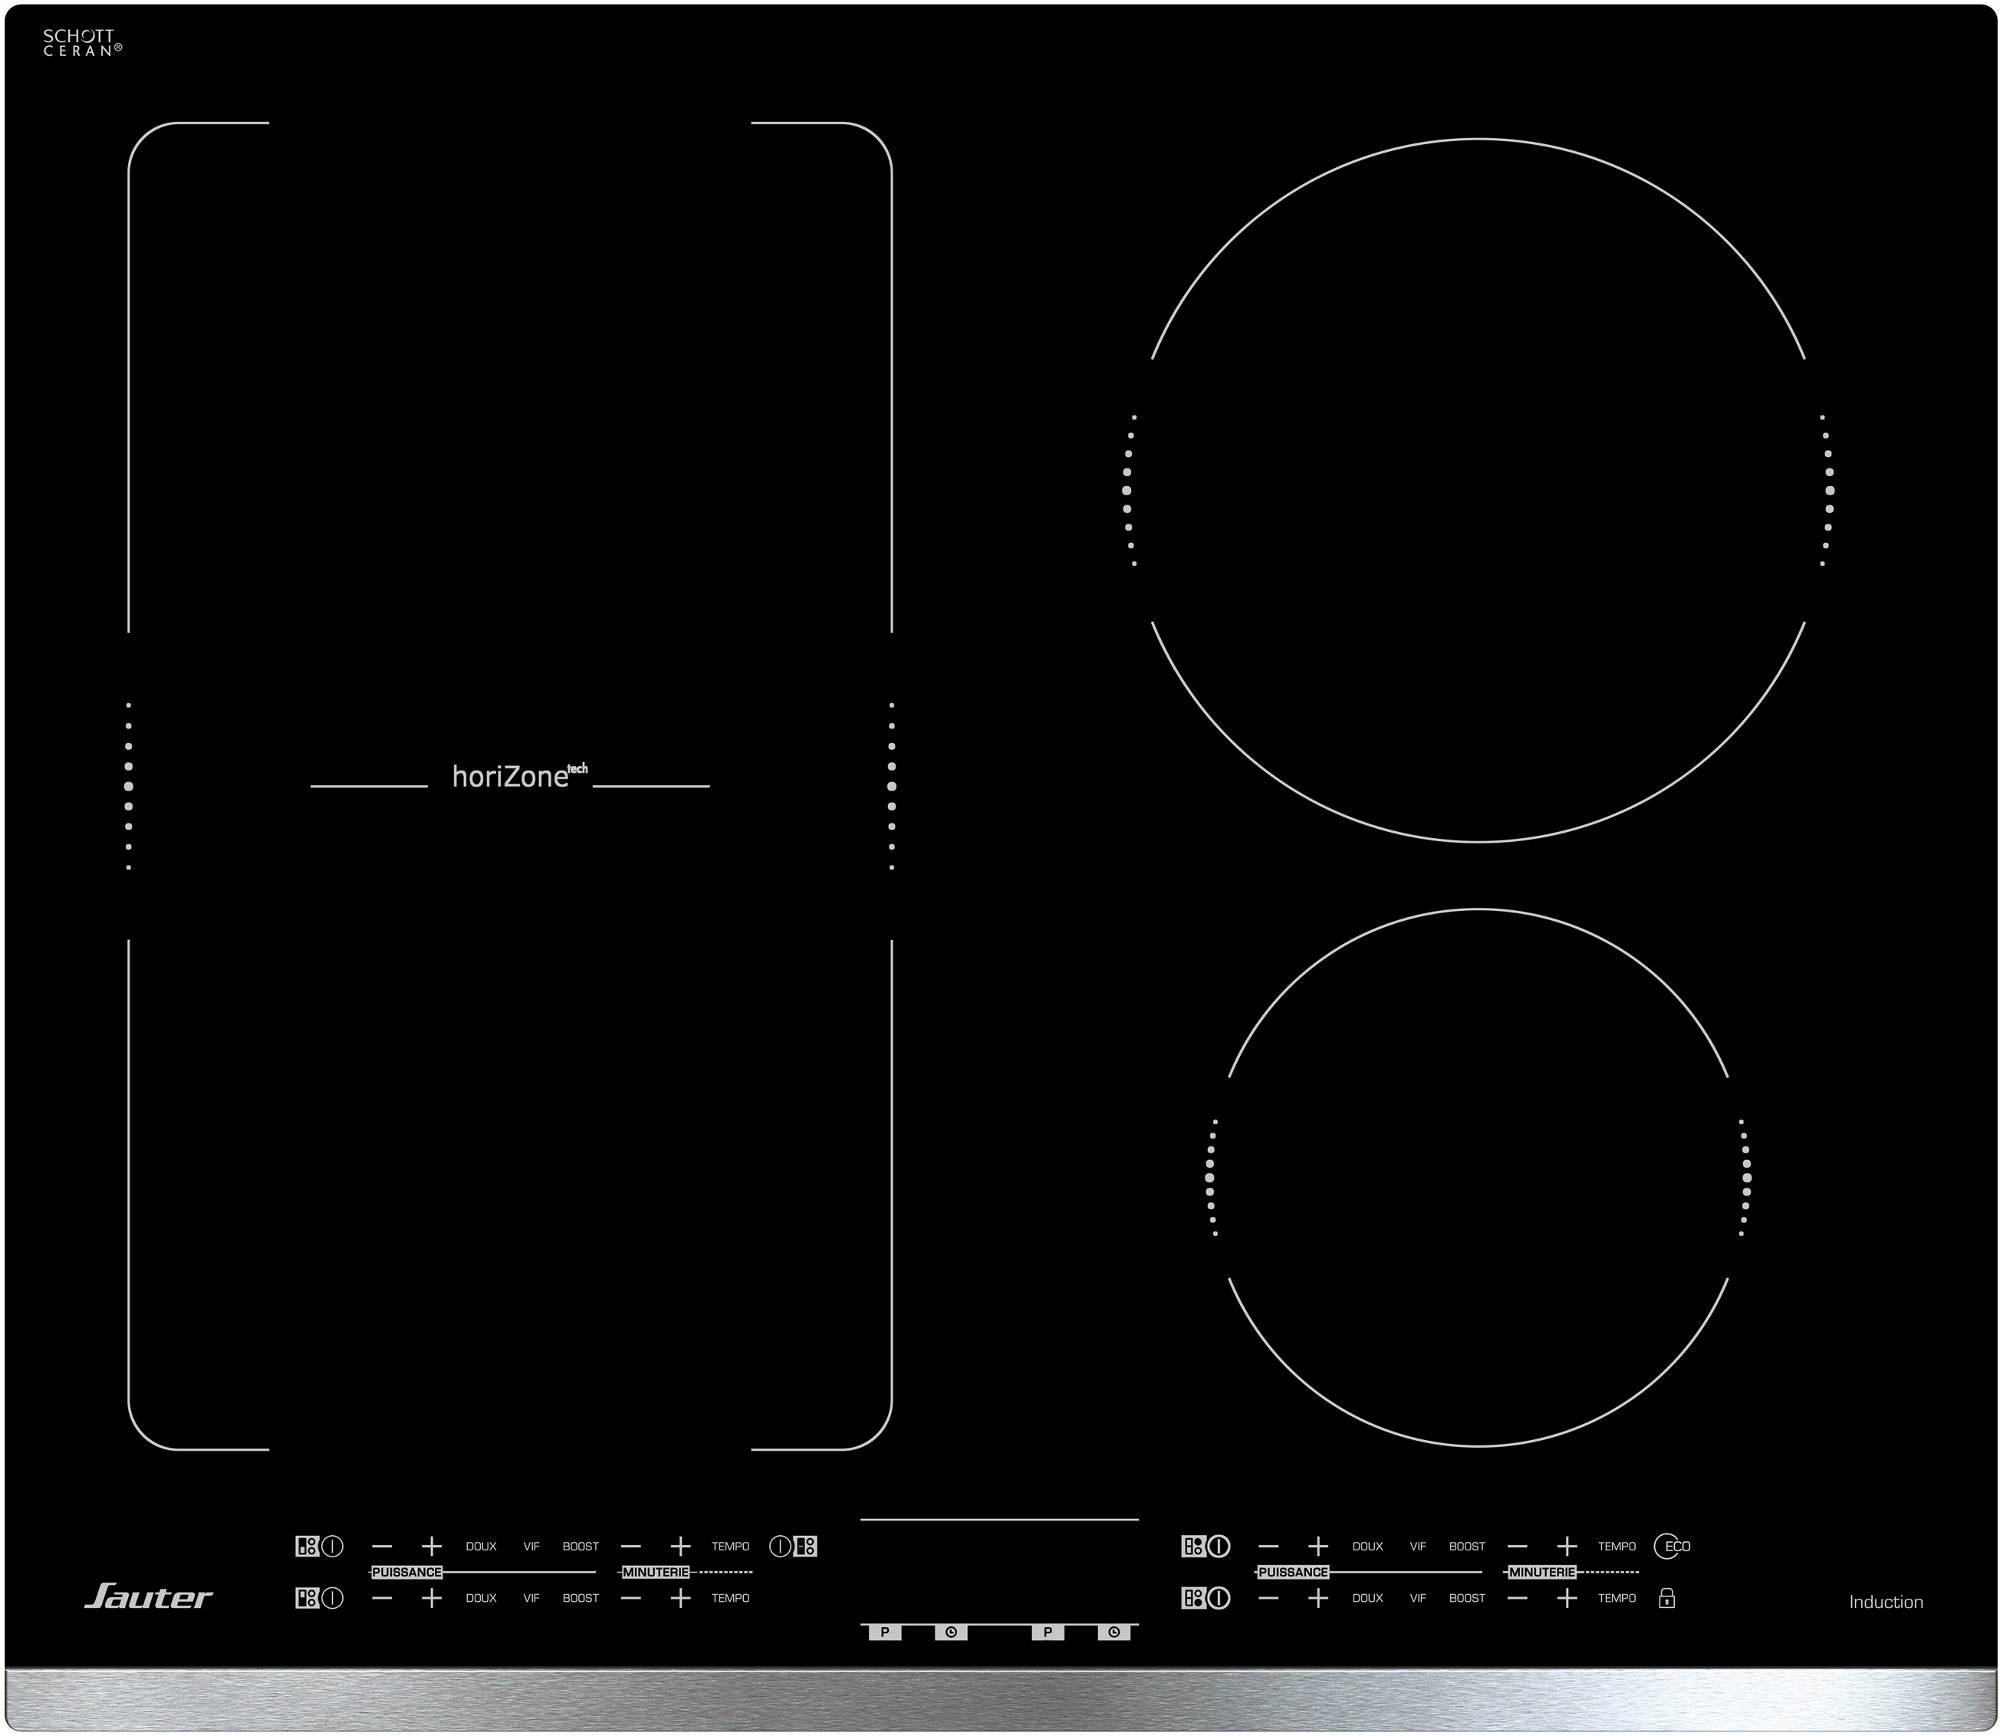 sauter sfp930b. Black Bedroom Furniture Sets. Home Design Ideas